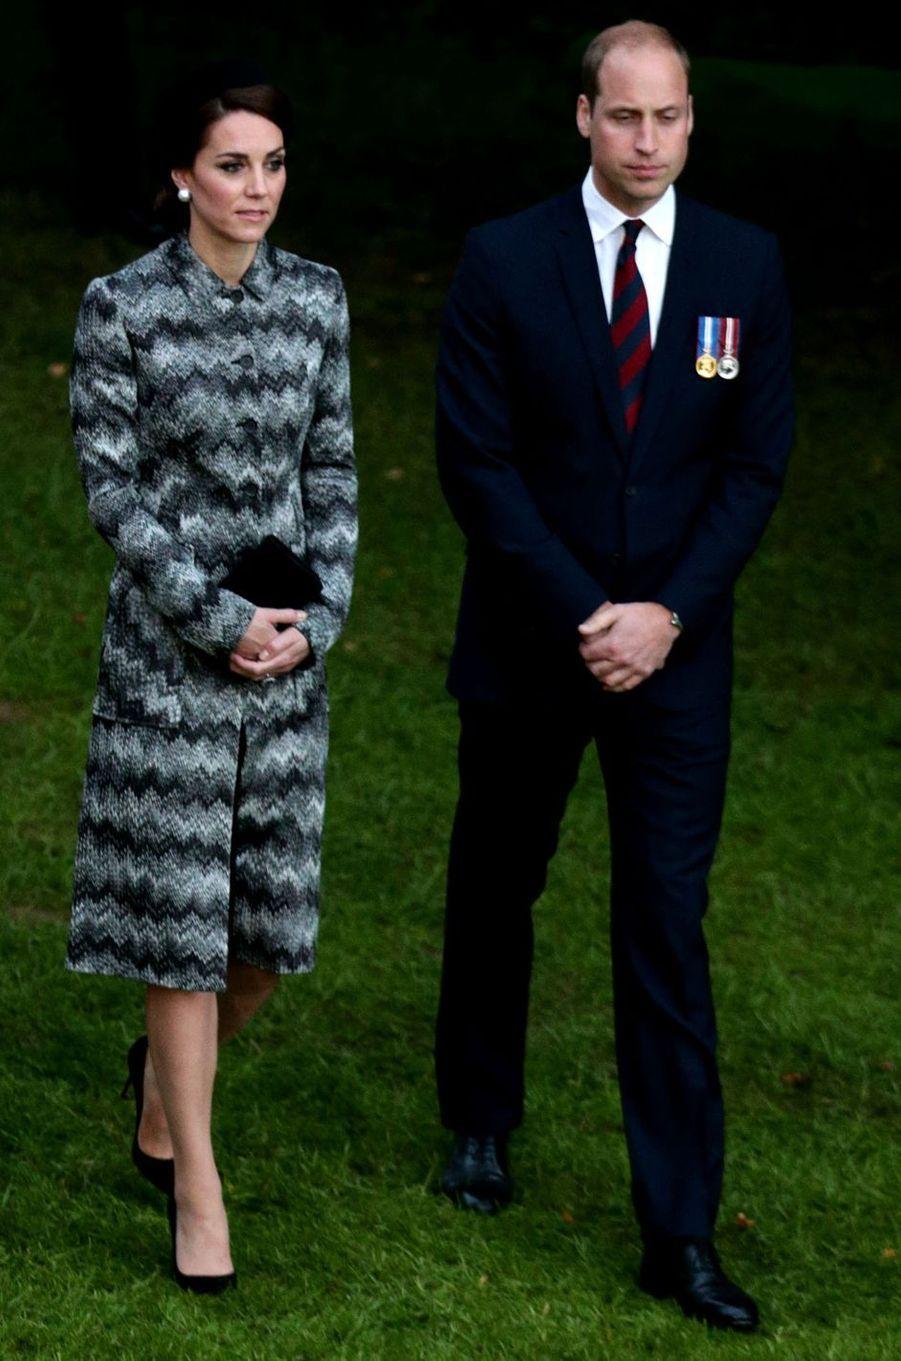 La duchesse de Cambridge, née Kate Middleton, en Missoni à Thiepval en Picardie le 30 juin 2016